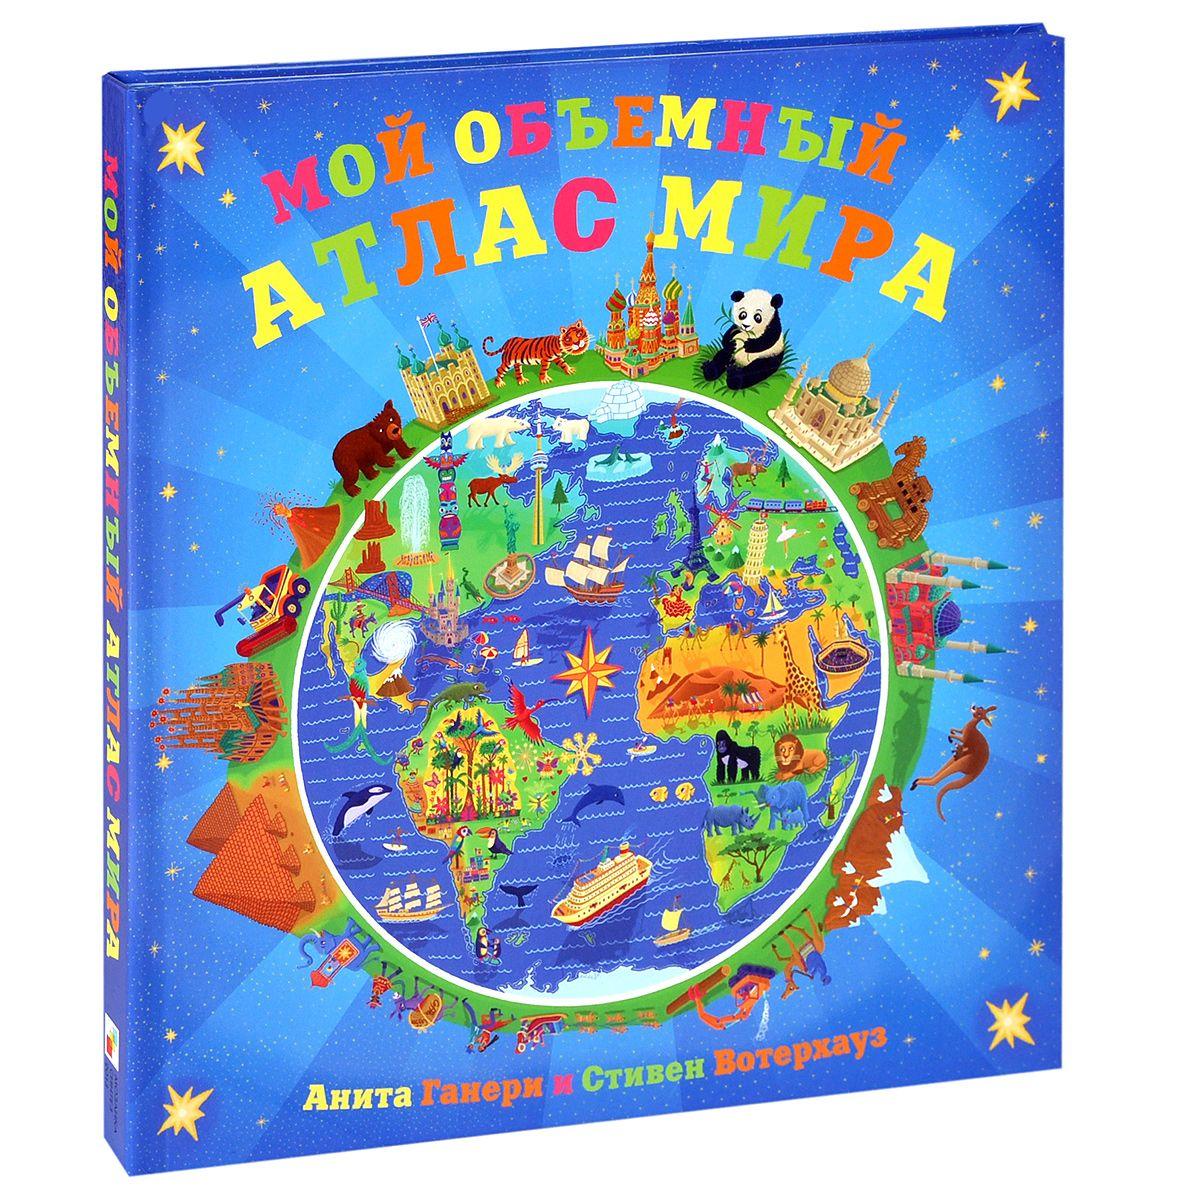 Книга - Мой объемный атлас мира, для детей от 5 летКнига знаний<br>Книга - Мой объемный атлас мира, для детей от 5 лет<br>